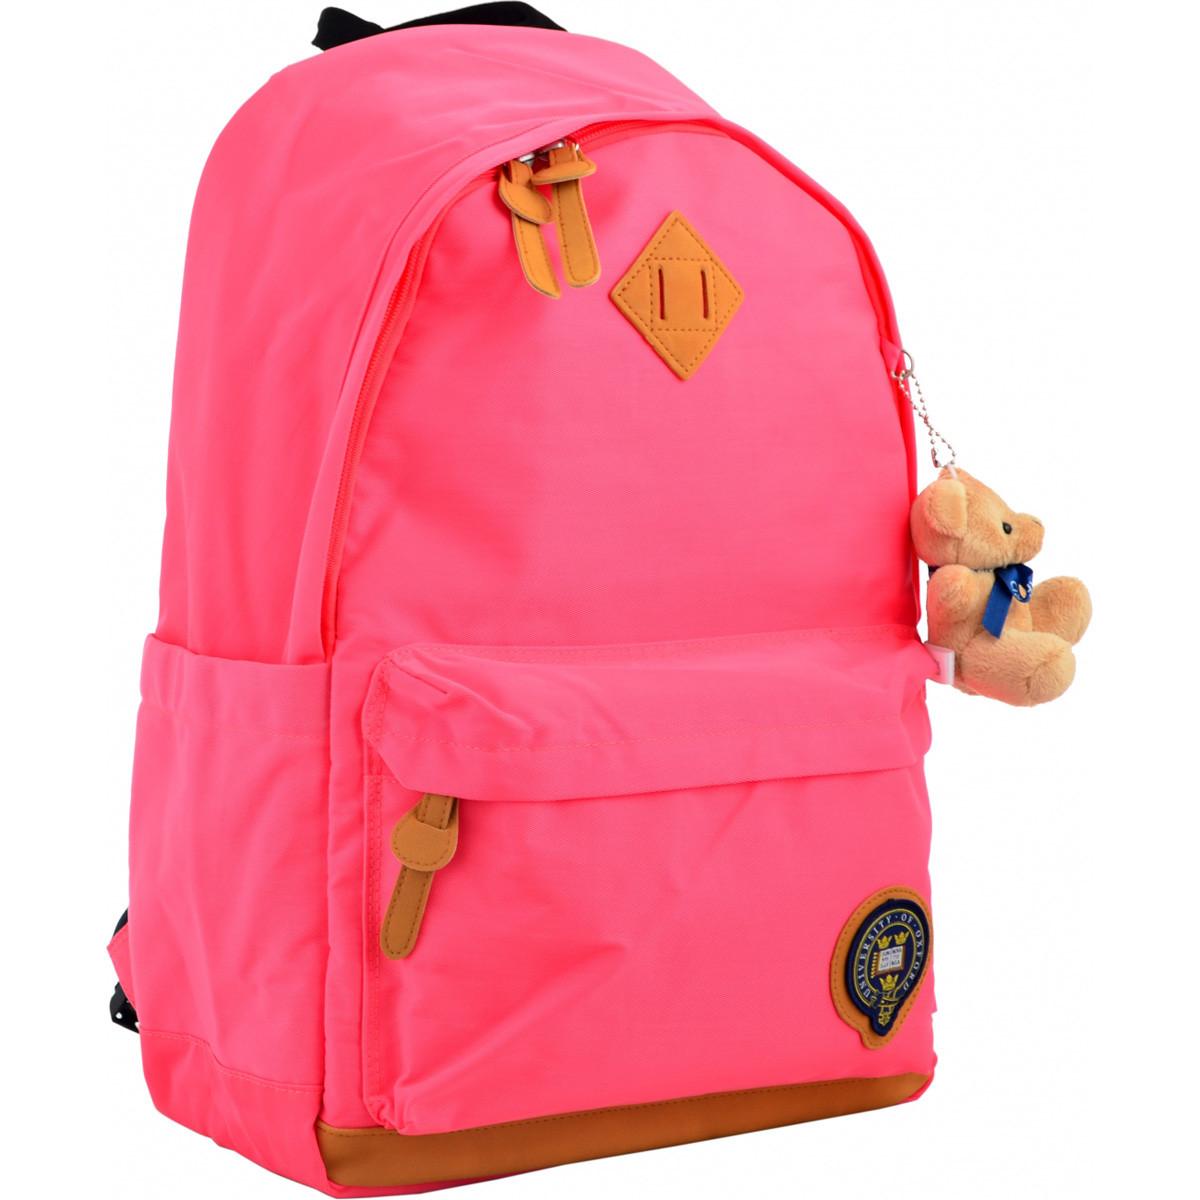 Рюкзак городской YES OX 404 47*30.5*16.5 розовый код: 555681